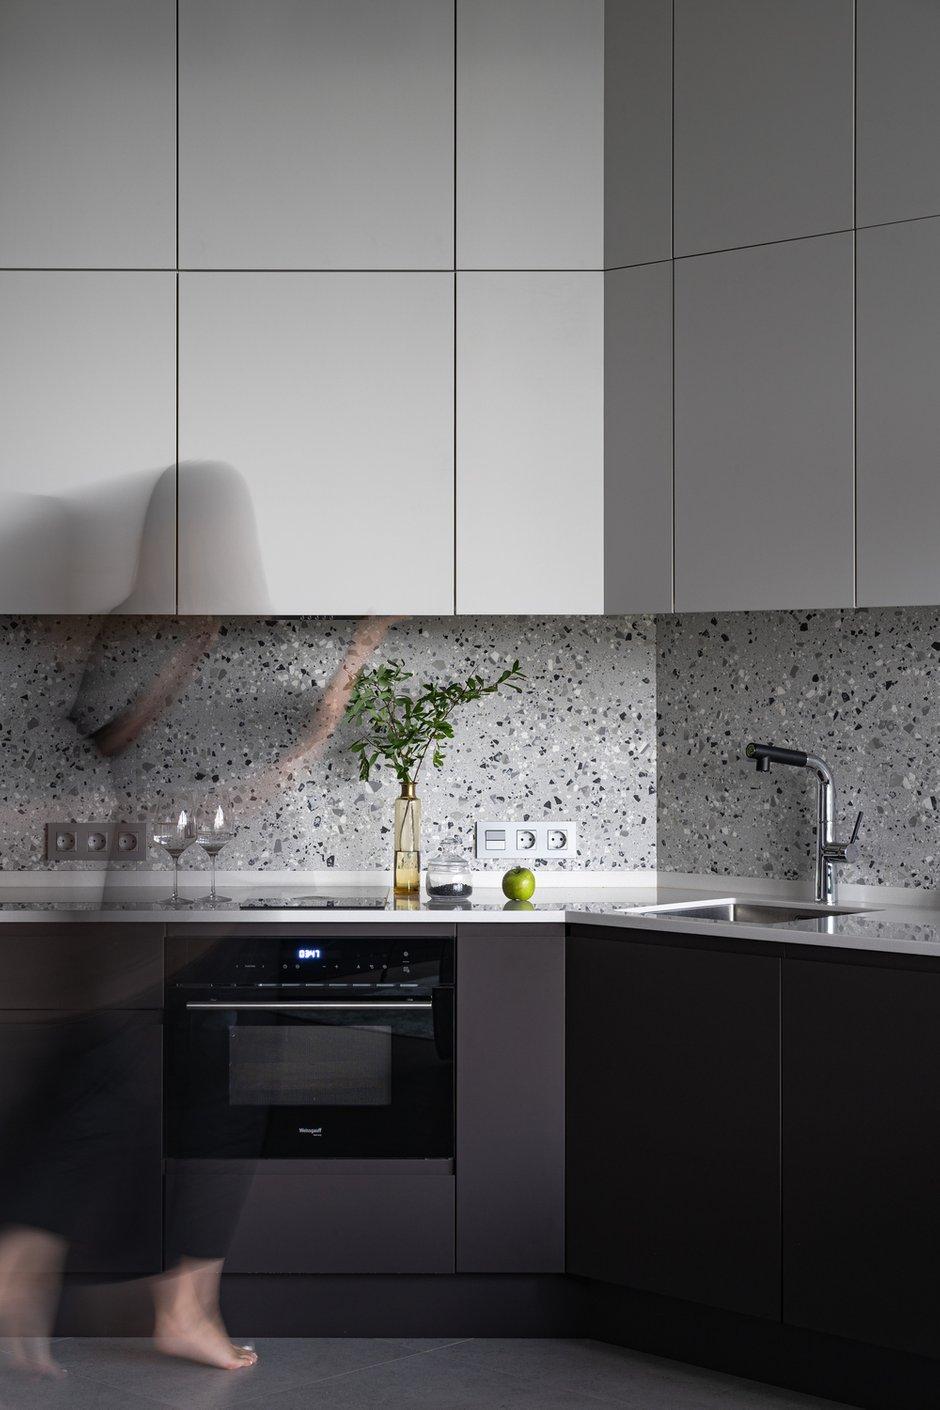 Покрытие фасадов — матовая бархатистая эмаль: выглядит очень стильно и минималистично, компенсируя незатейливую форму гарнитура. Столешница из искусственного камня, мойка из нержавеющей стали.